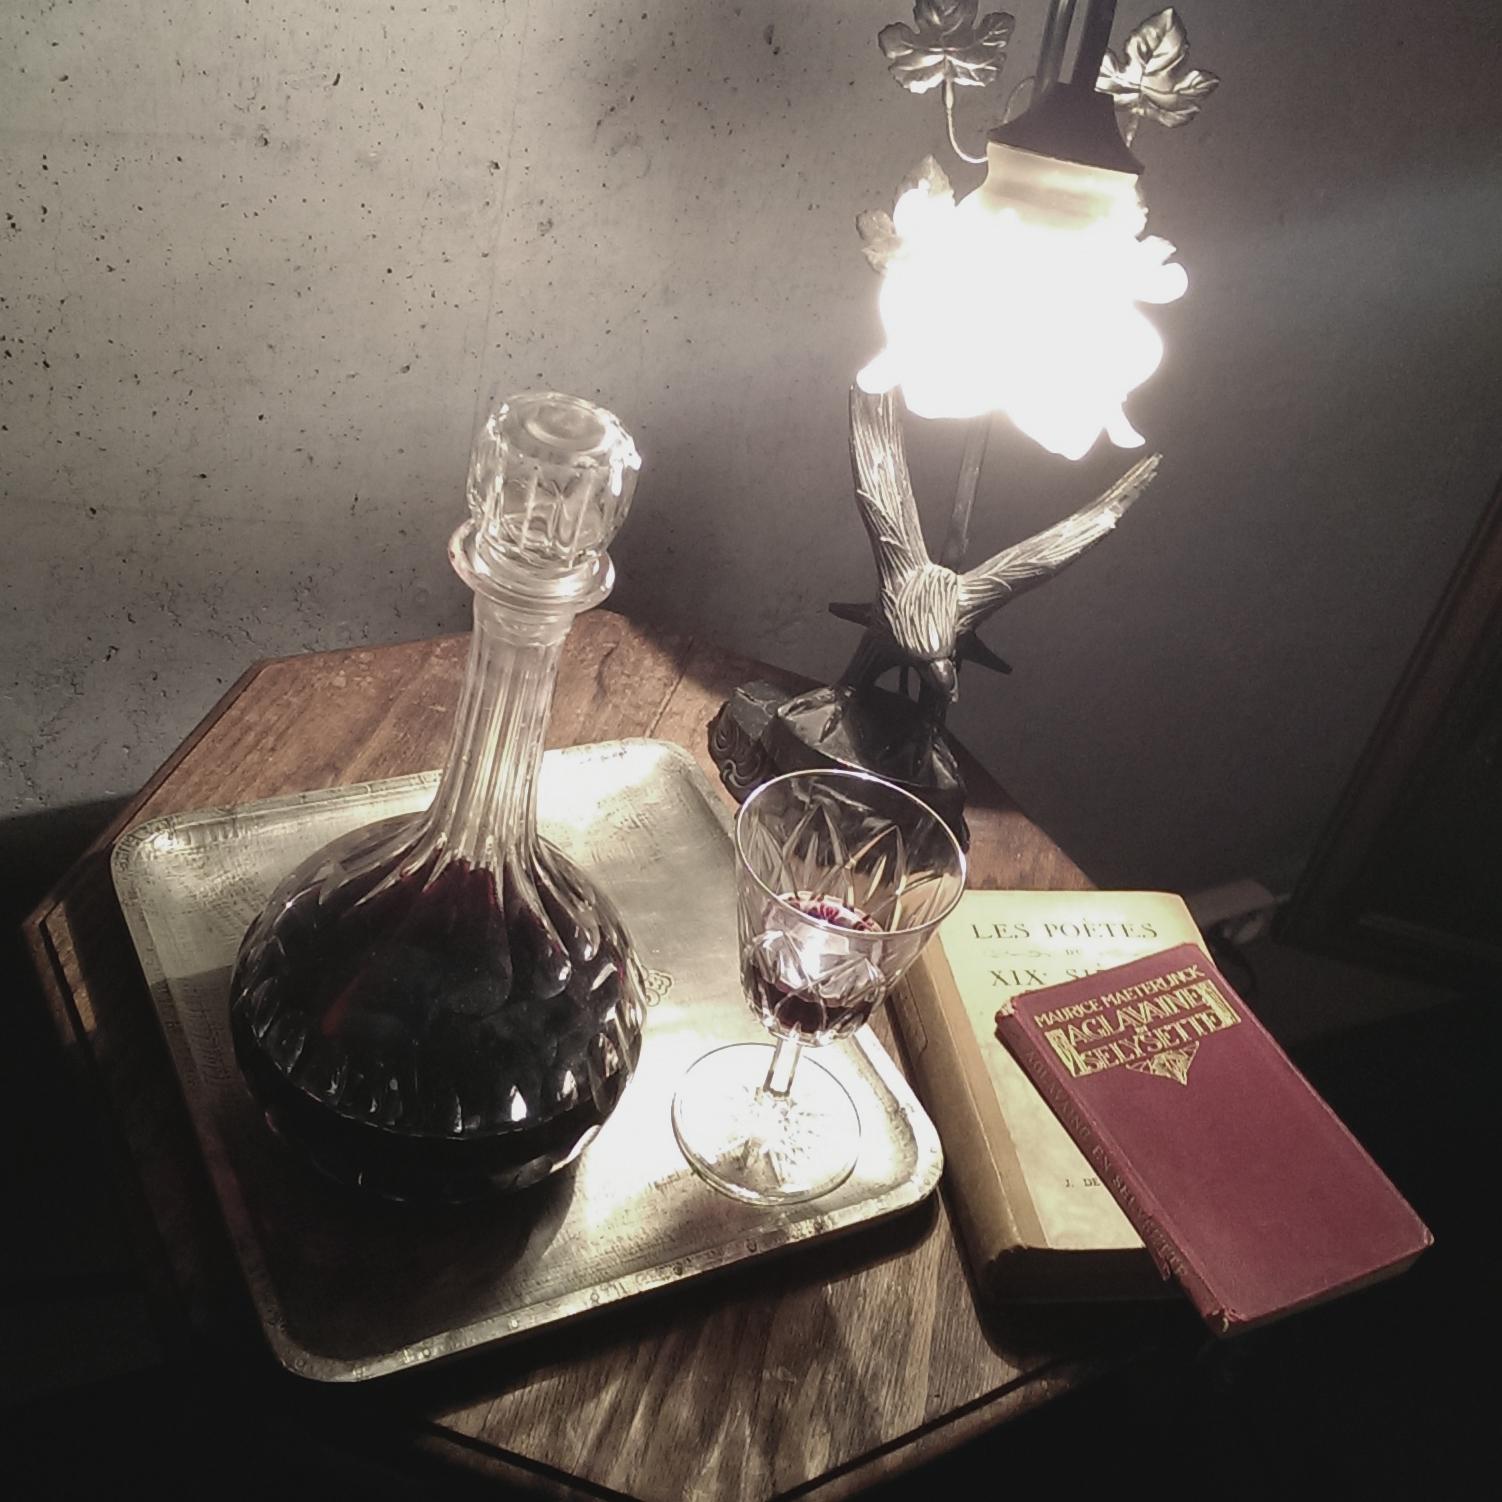 cdv-PoezieBrugge-30.13.30.jpg